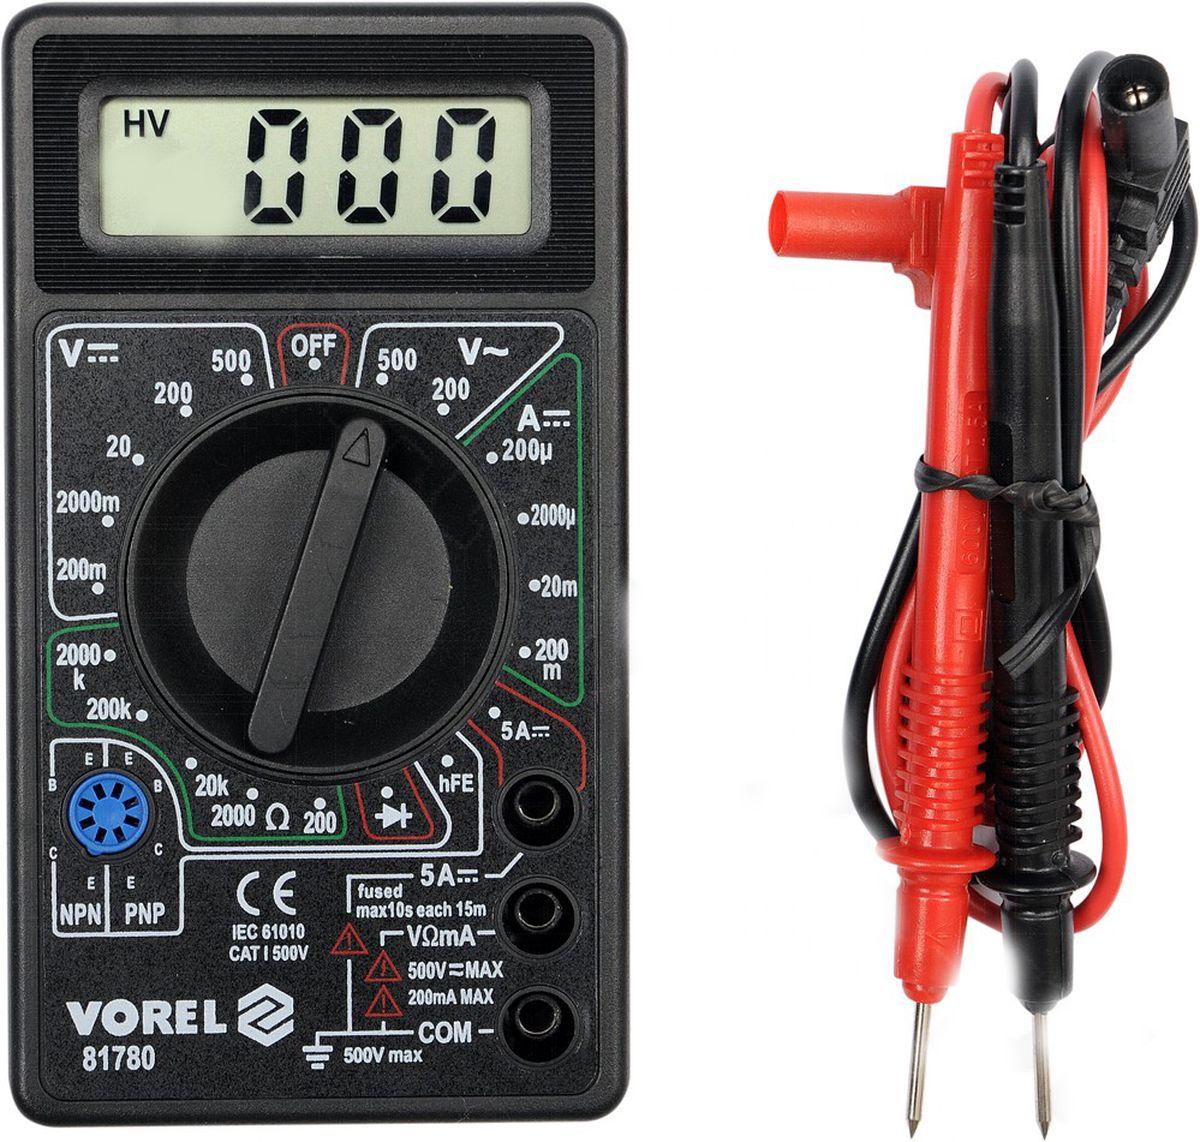 Измеритель цифровой универсальный Vorel81780Vorel позволяет измерять сопротивления, емкости, частоты и температуры, а также позволяет проверить светодиод.Мультиметр имеет пластиковый корпус, резиновый кожух, подставка, ЖК дисплей, а также переключатель измерительных диапазонов. В корпусе находятся измерительные гнезда и гнездо для проверки транзисторов. Прибор оснащен измерительными проводами с контактами.Технические характеристики:Экран: LCD Измерение напряжения переменного тока: 0-600В ± 0,8% Измерение постоянного напряжения: 0-600В ± 0,5% Переменный ток: 0-10A ± 1,8% Постоянный ток: 0-10A ± 1,2% Проверка диодов: 1 мА, 2,8 В Измерение HFE транзистор Измерение емкости: 0-20 мкФ ± 2,5% Измерение частоты: 0-20кГц Измерение температуры: от -40 до 400 ° C.